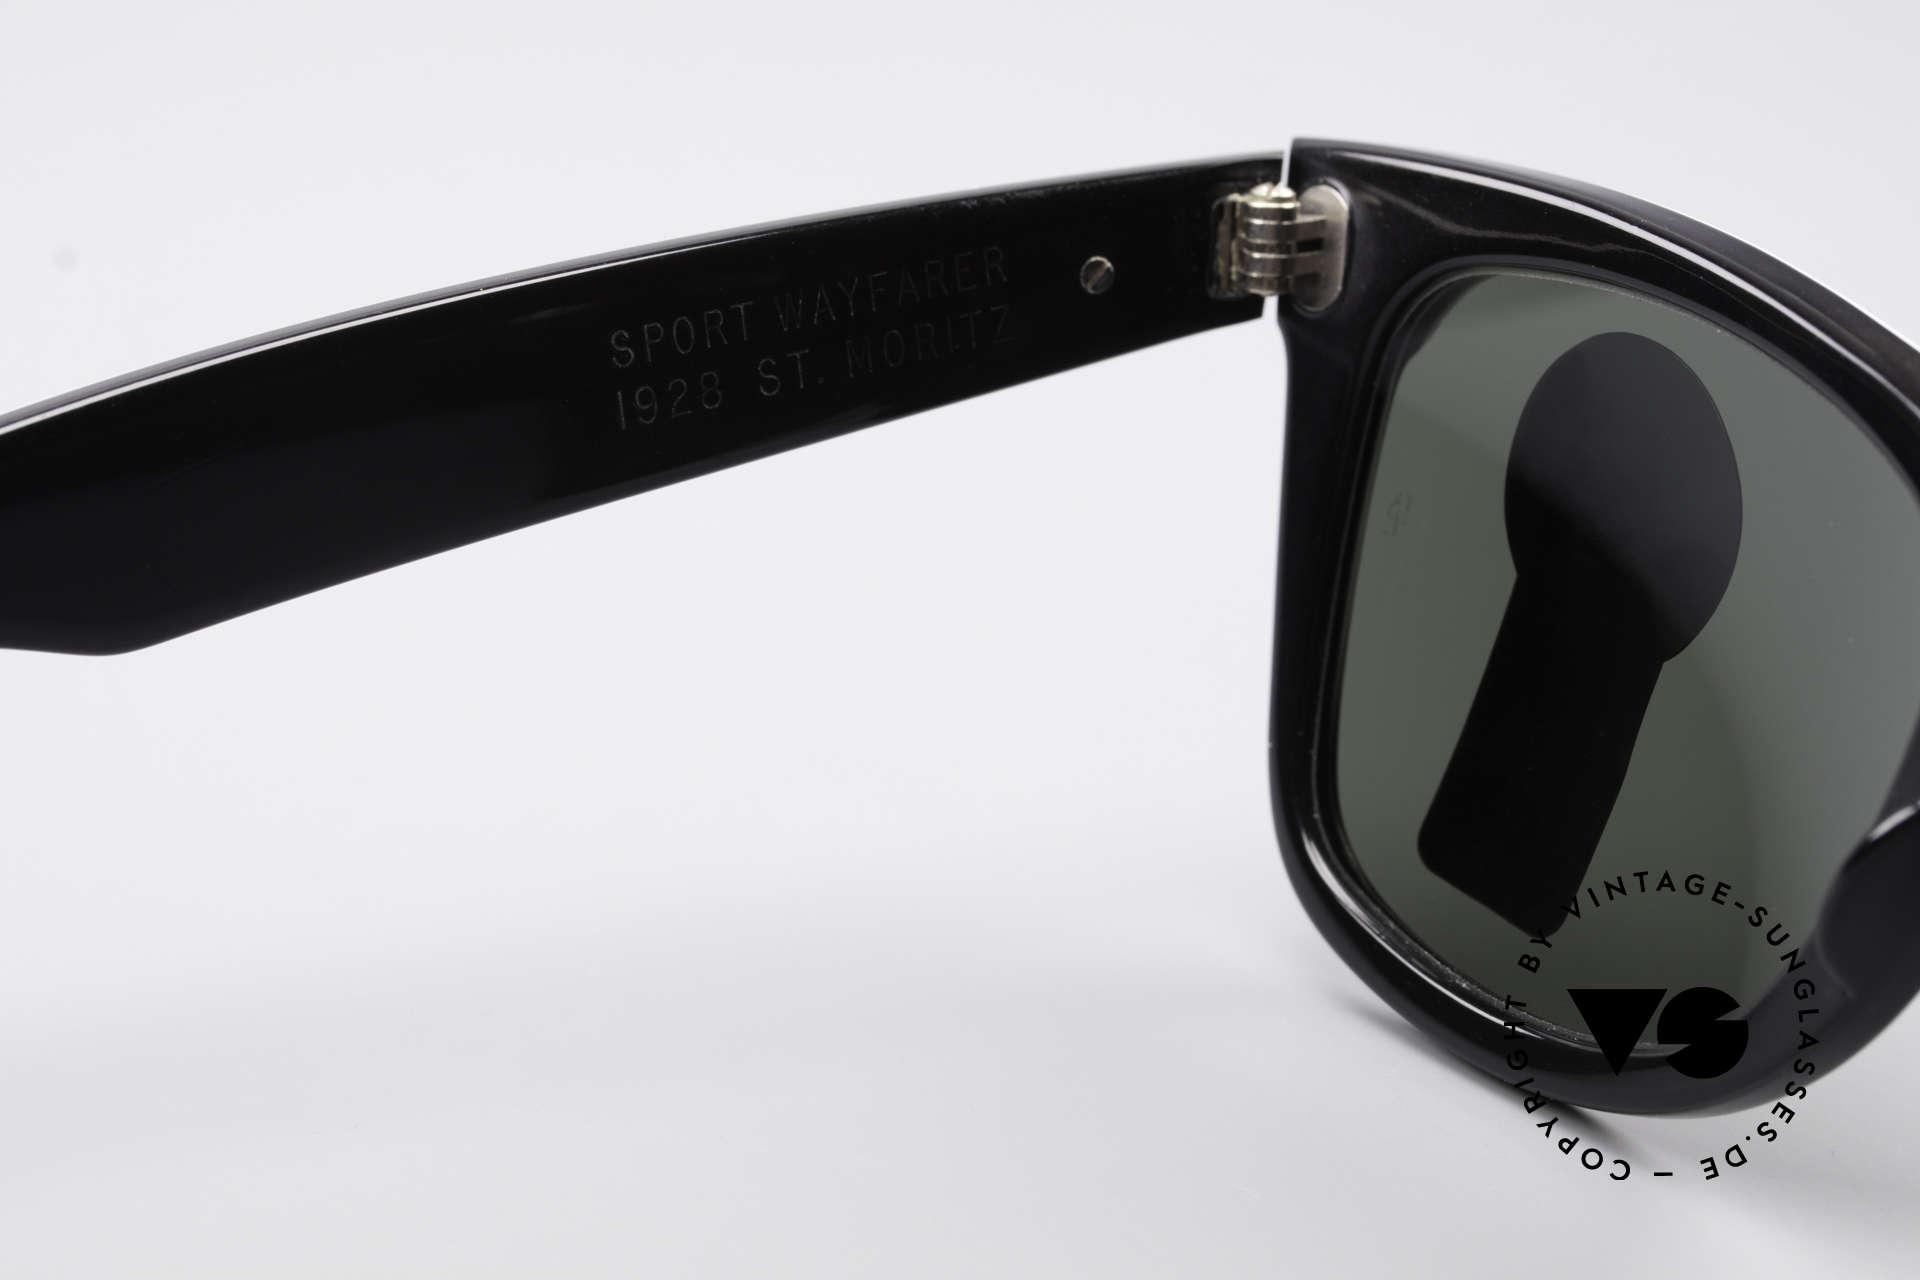 Ray Ban Wayfarer I Olympia 1928 St. Moritz, KEINE retro Sonnenbrille, 100% vintage ORIGINAL, Passend für Herren und Damen